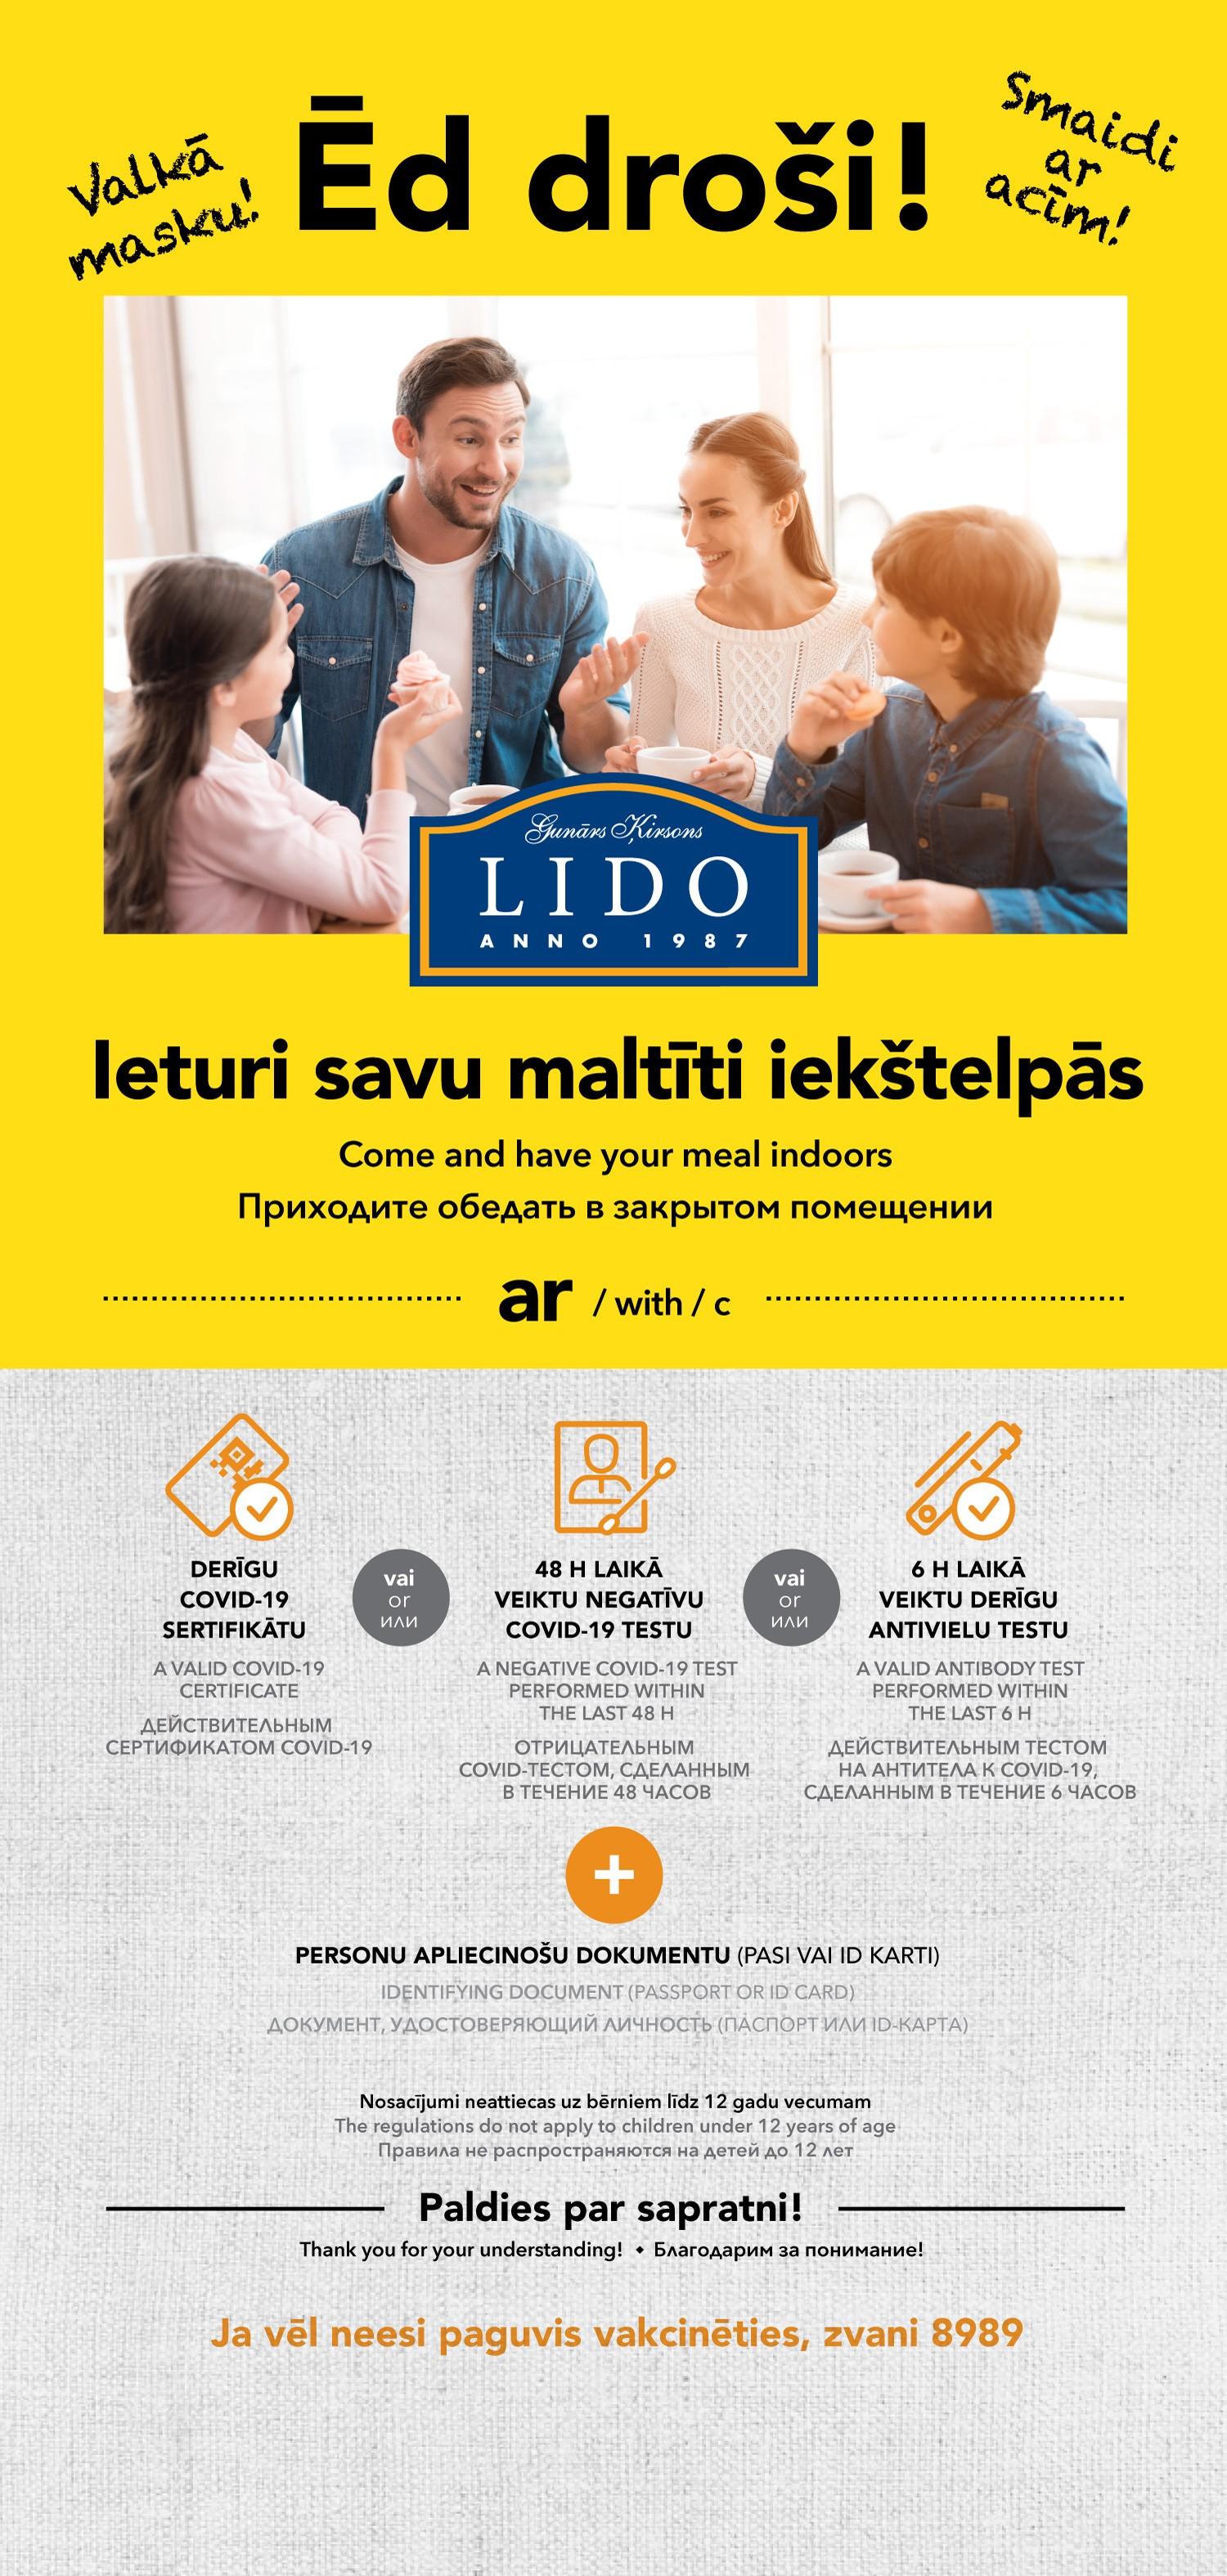 LIDO_COVID_sertifikats_ROLL_UP_1000x2000mm_plus_100mm_PRv.jpg